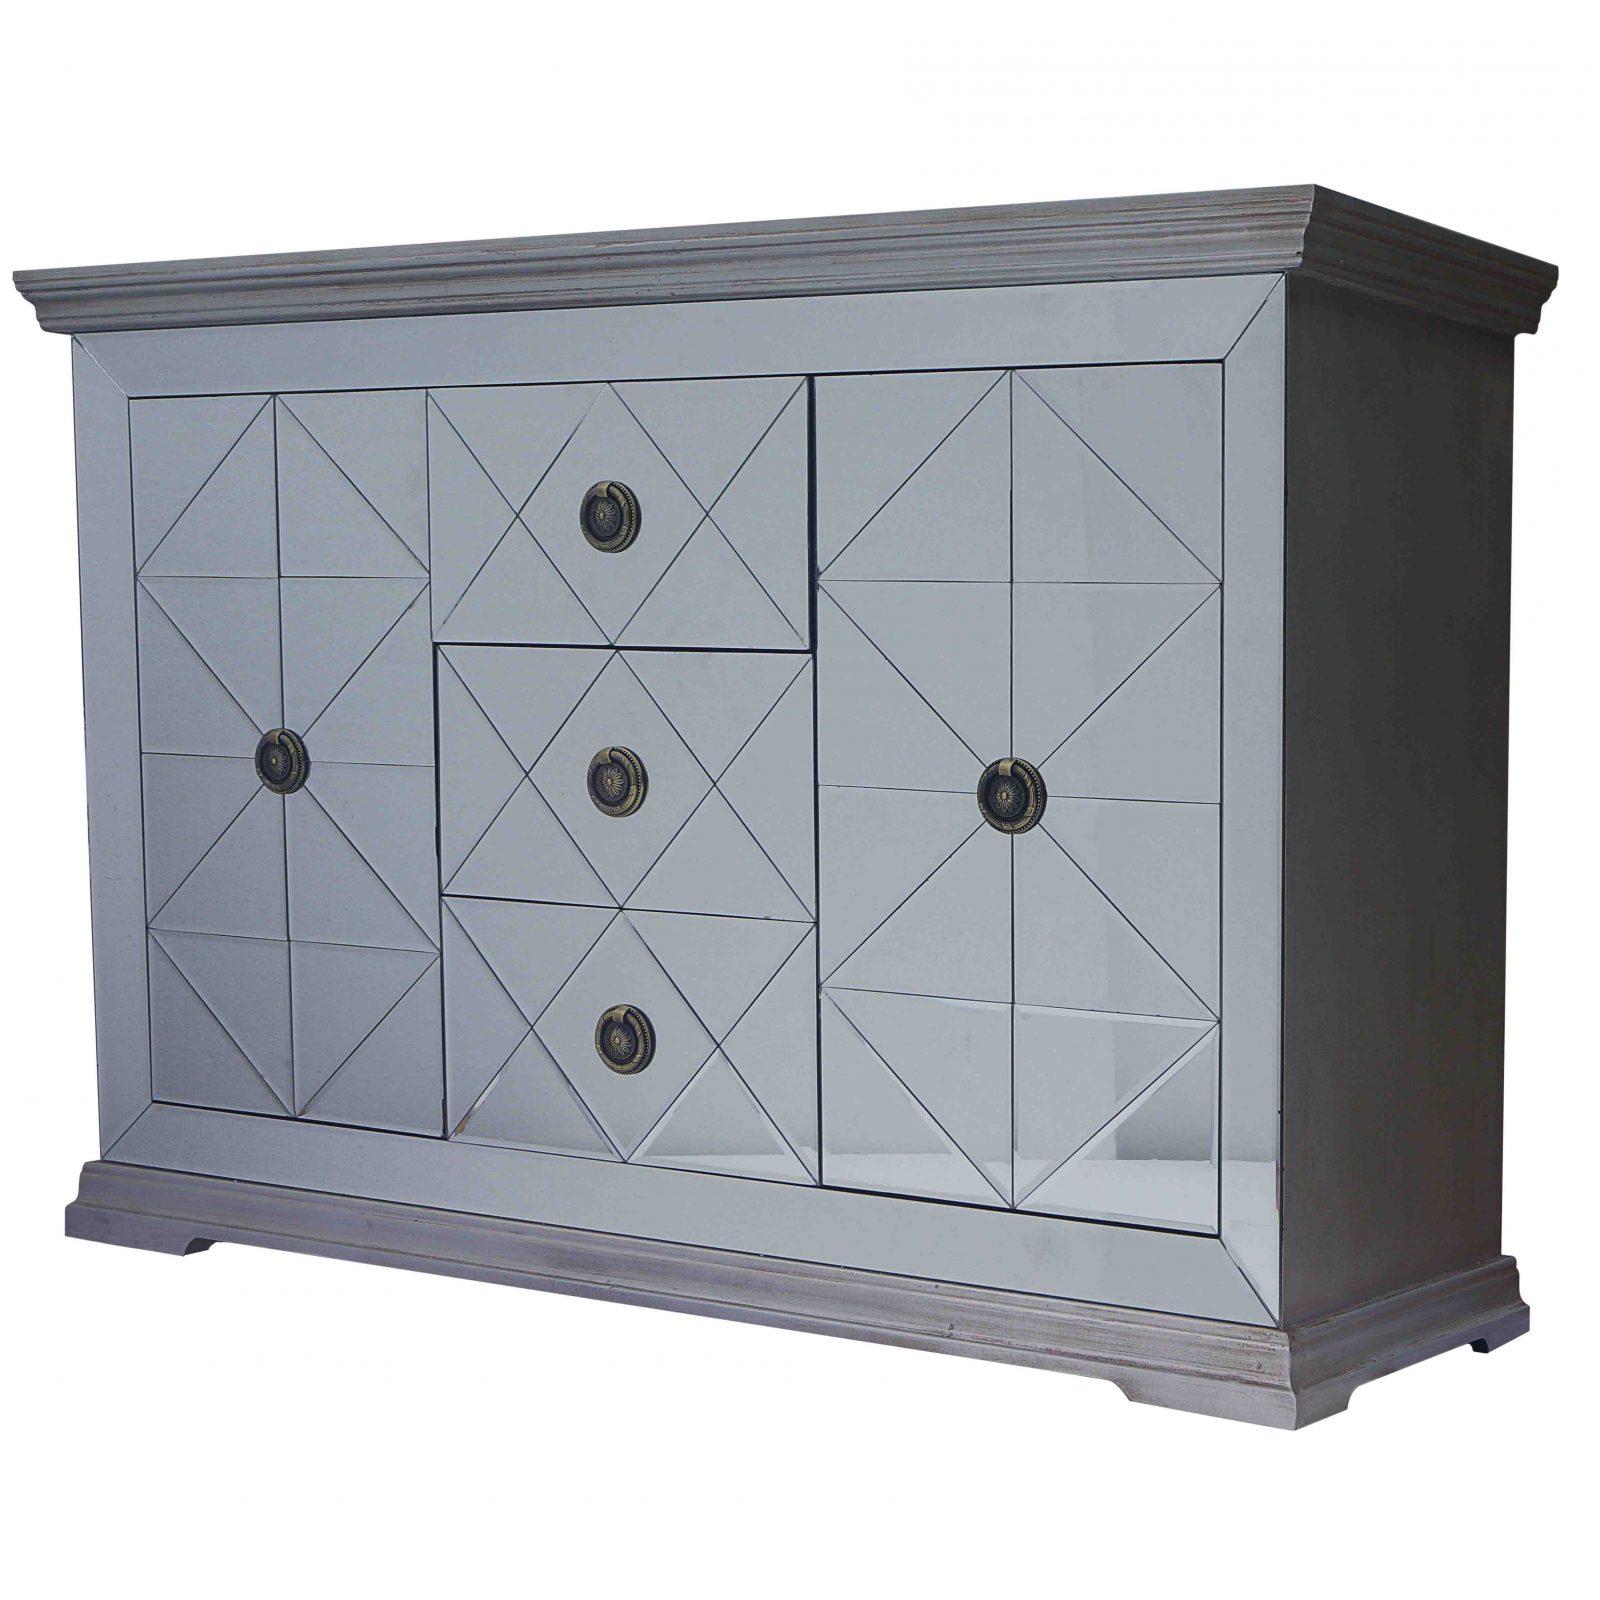 Jaxon Grey Sideboards Intended For Trendy Jaxon Mirrored Sideboard 3 Drawers + 2 Doors – Boulevard Urban Living (Gallery 3 of 20)